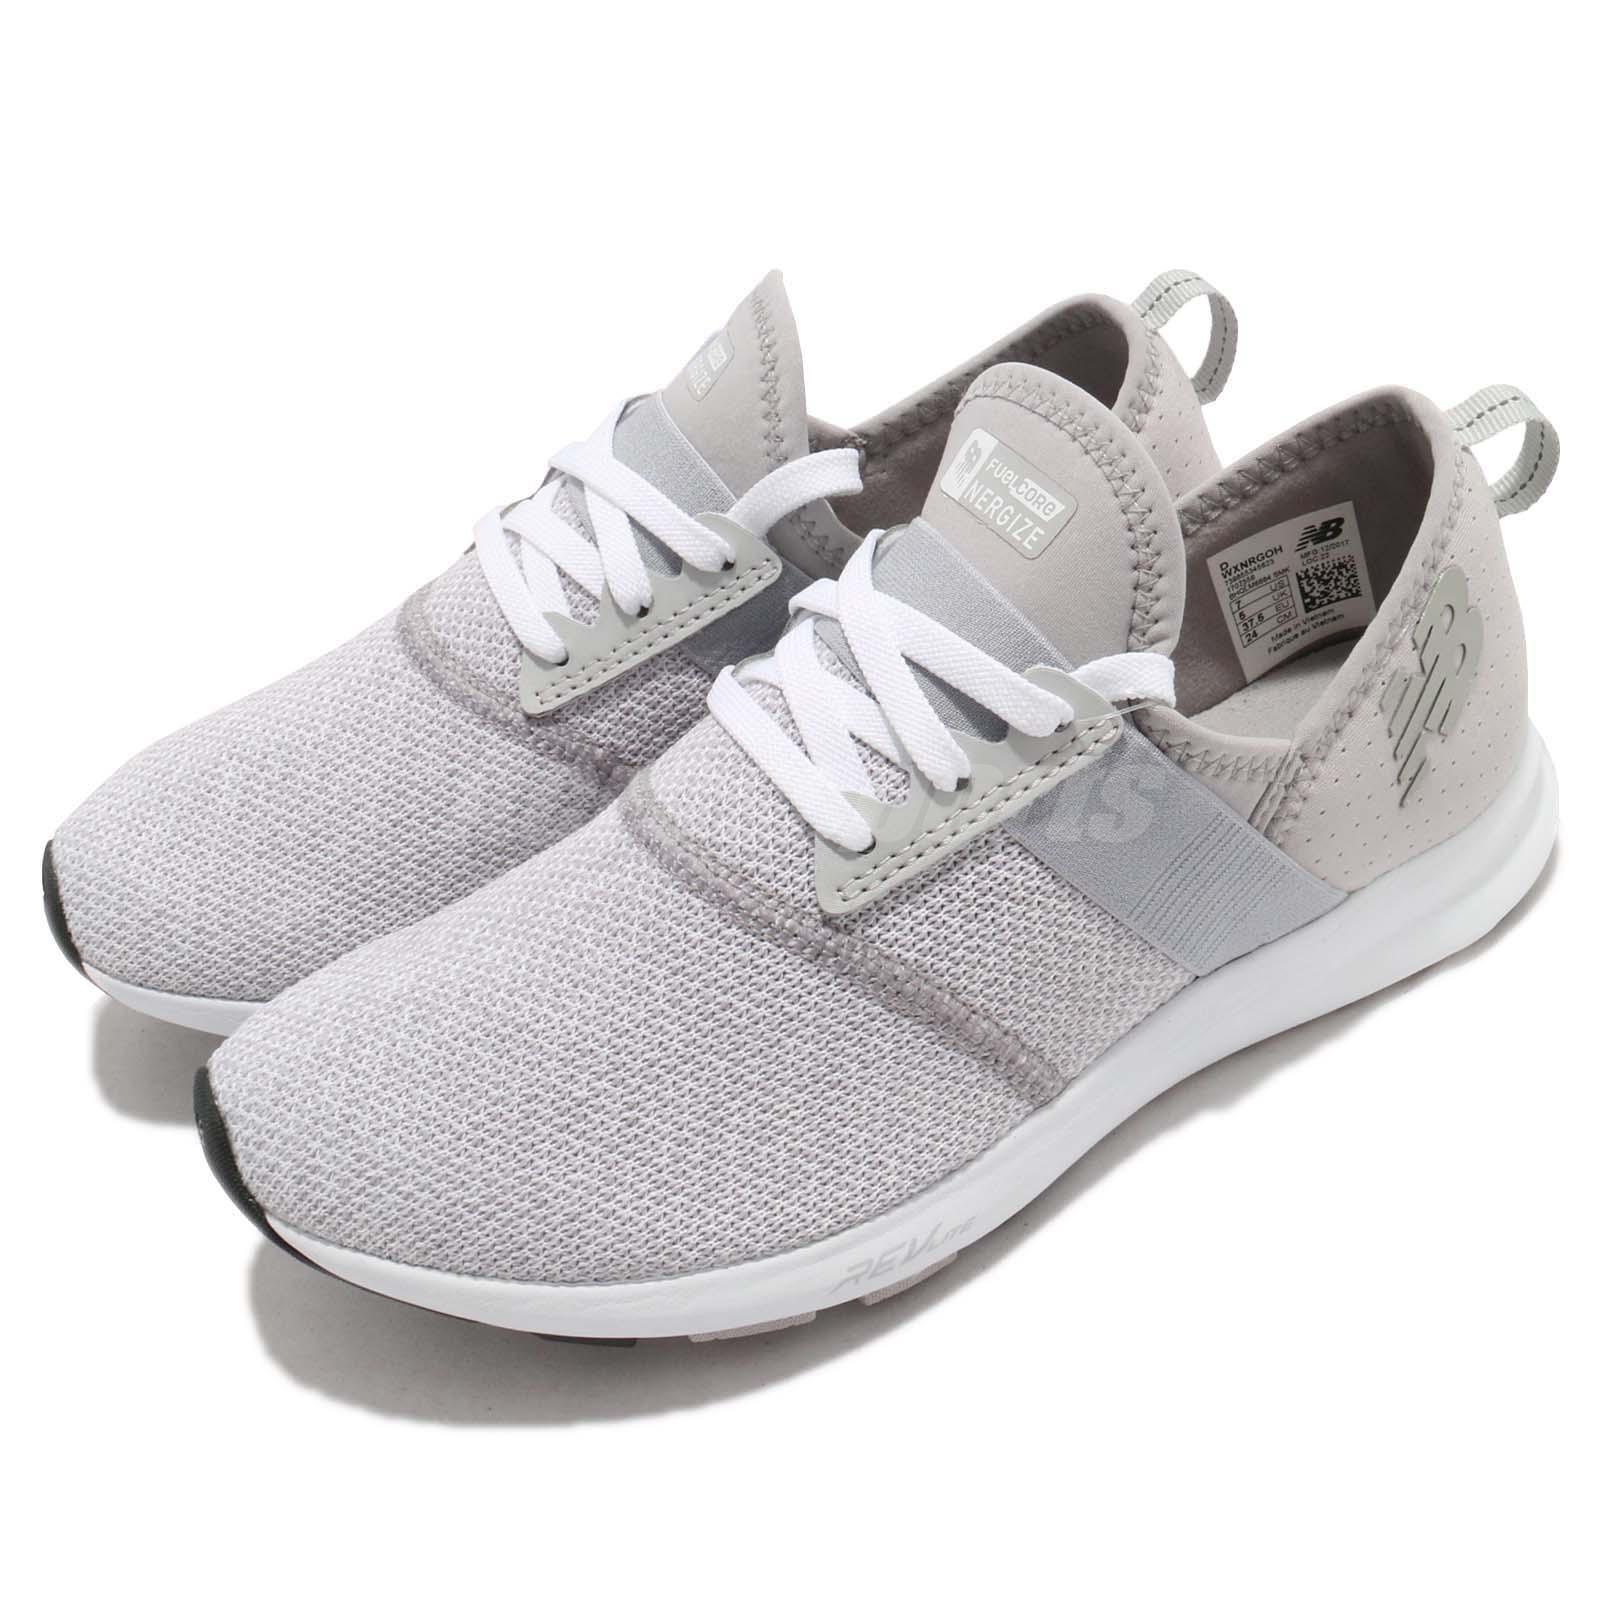 New Balance WXNRGOH D Wide blanc gris femmes Running chaussures Slip-On WXNRGOHD